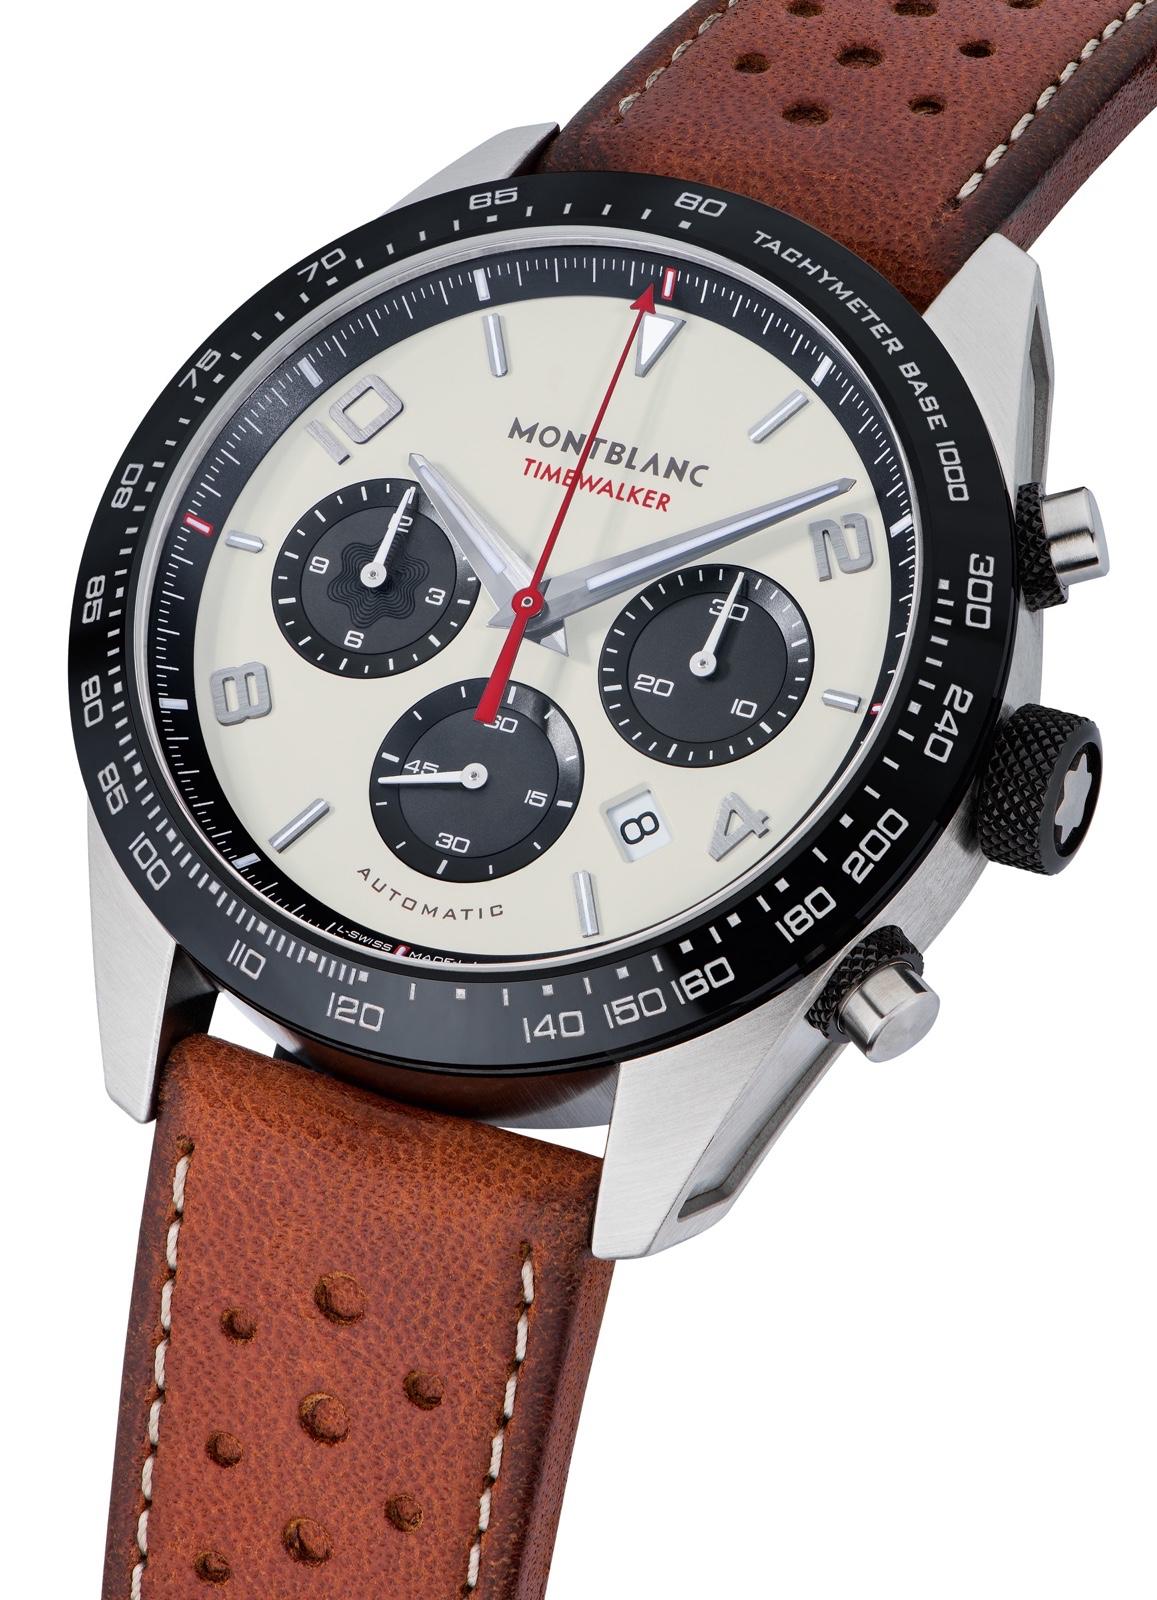 Montblanc TimeWalker Manufacture Chronograph Soldat